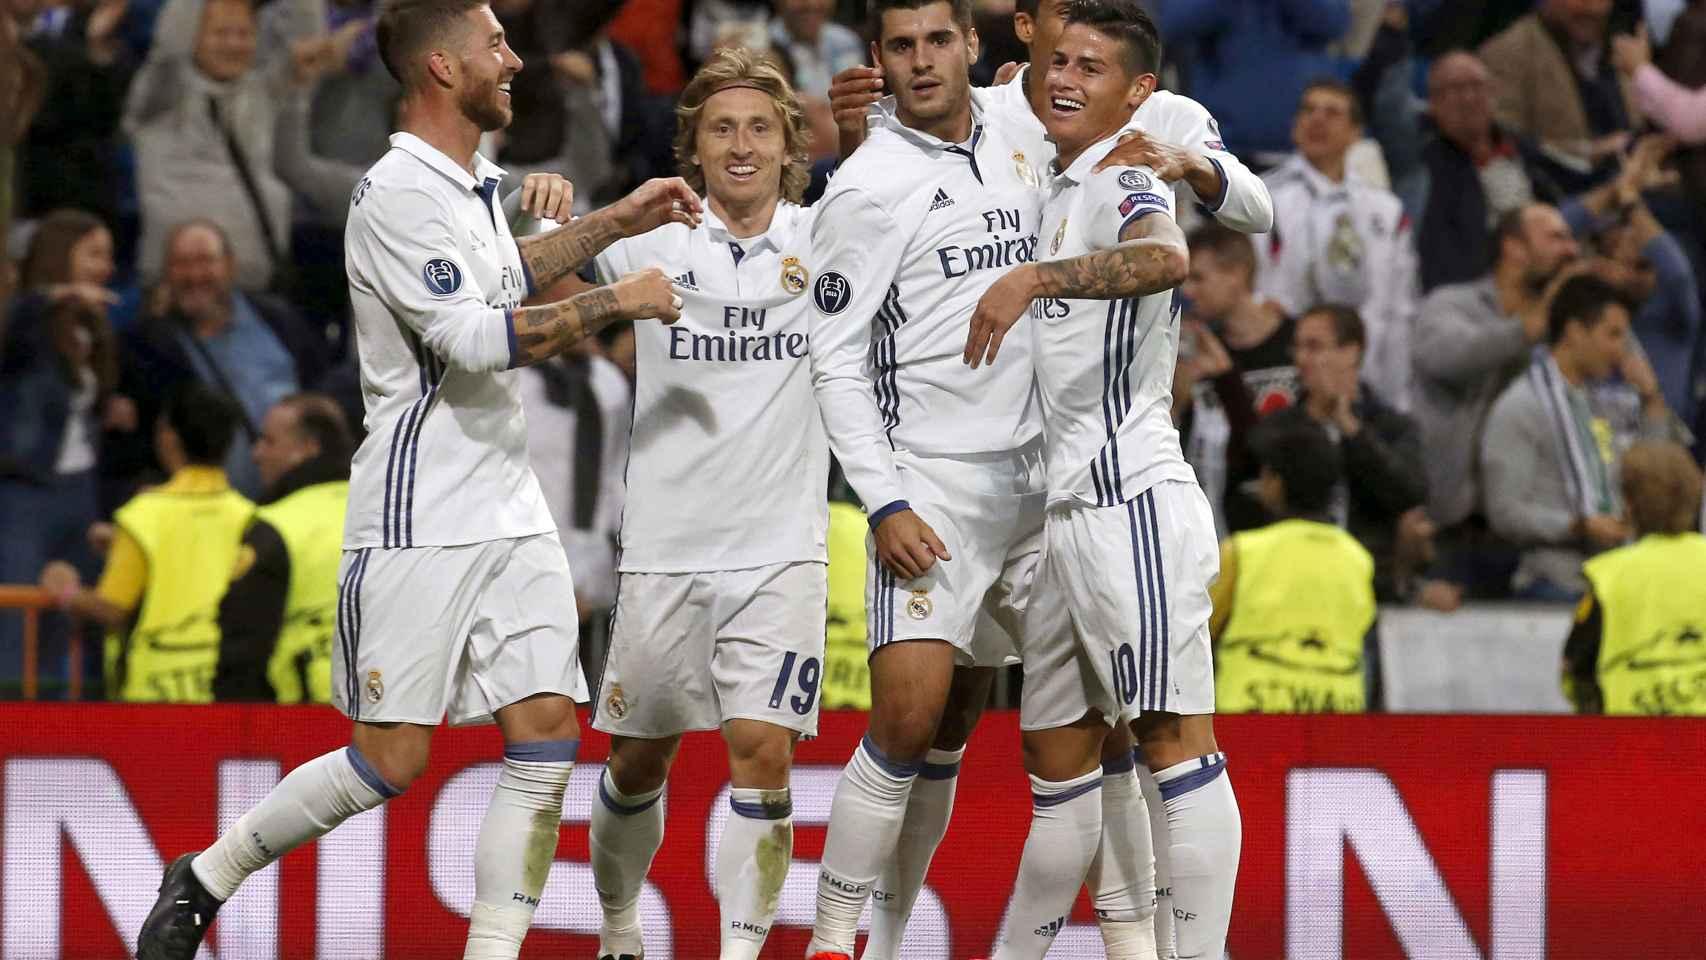 Los jugadores del Real Madrid celebran el tanto de la victoria en el descuento. / Efe